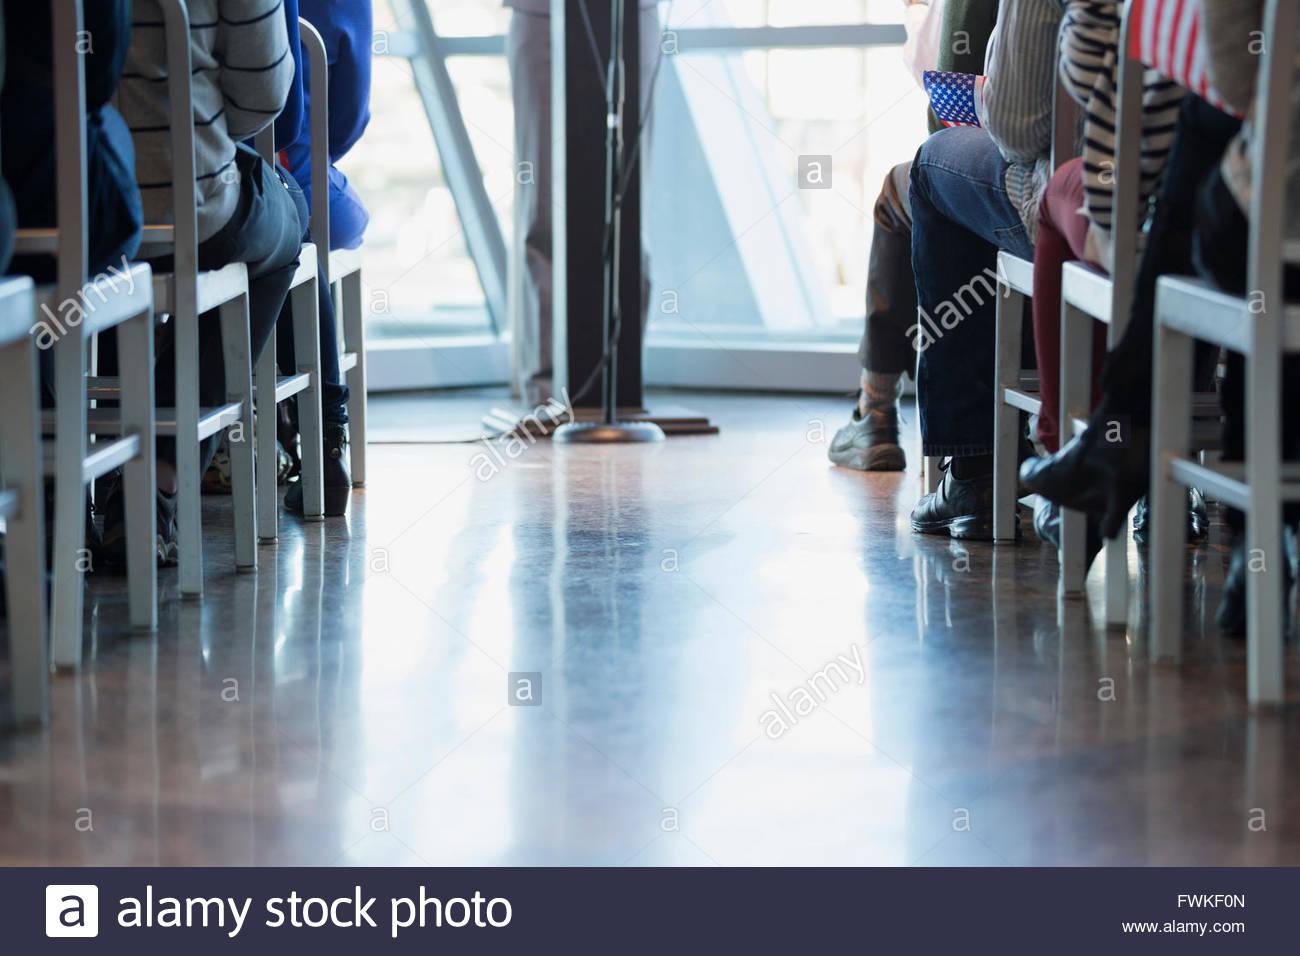 Las piernas del político y público en mitin político Imagen De Stock